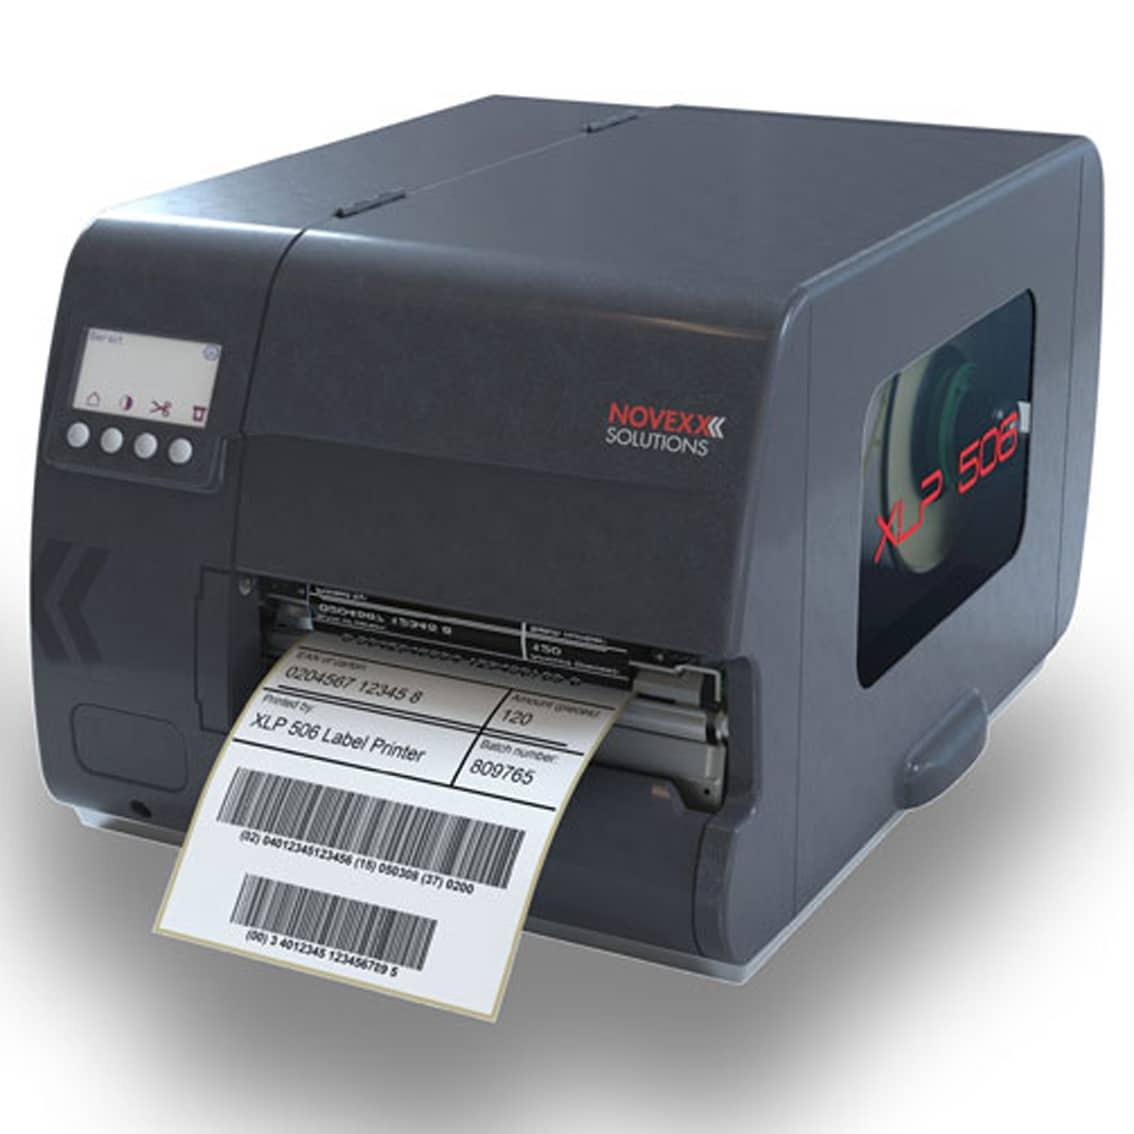 Novexx XLP 506